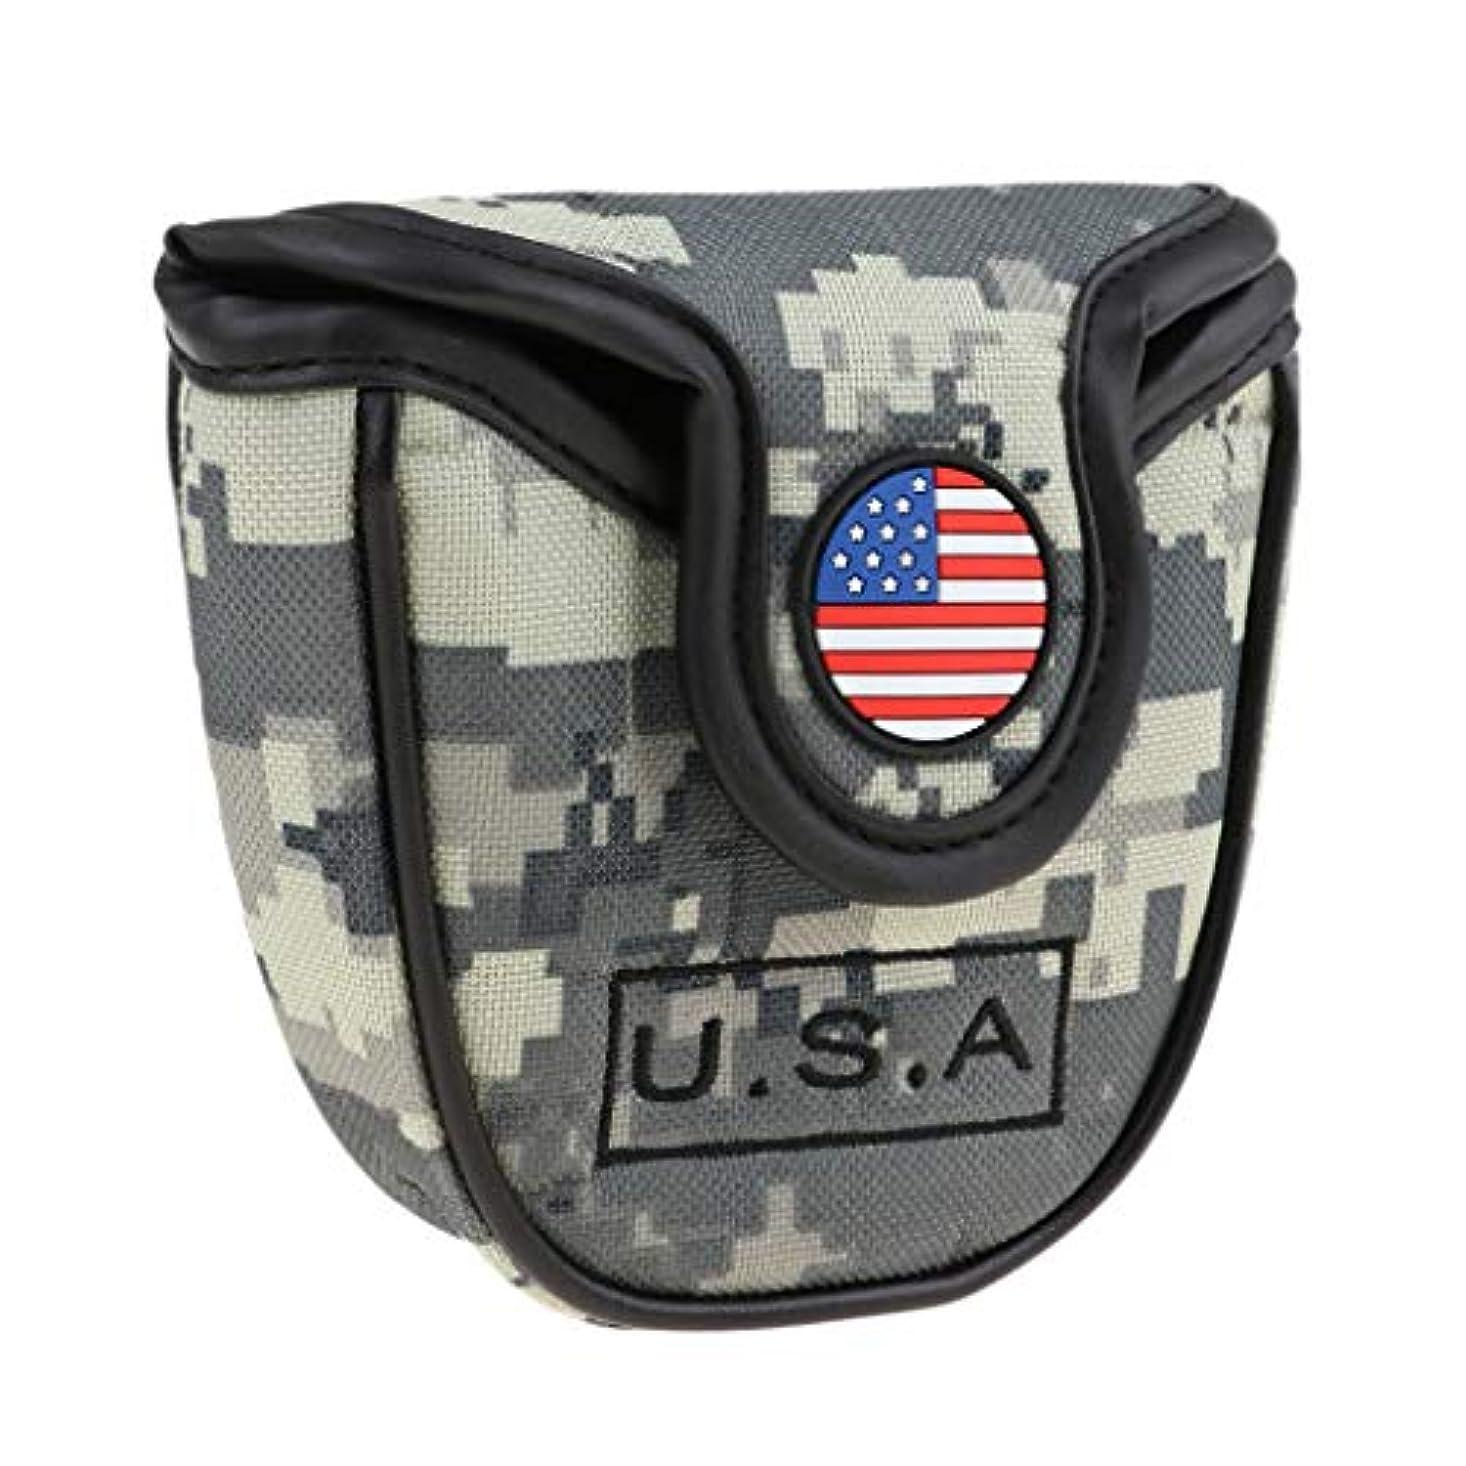 ストライド無効国旗ゴルフヘッドカバー ゴルフパターカバー マレットタイプ対応 アメリカフラグ柄 ナイロン製